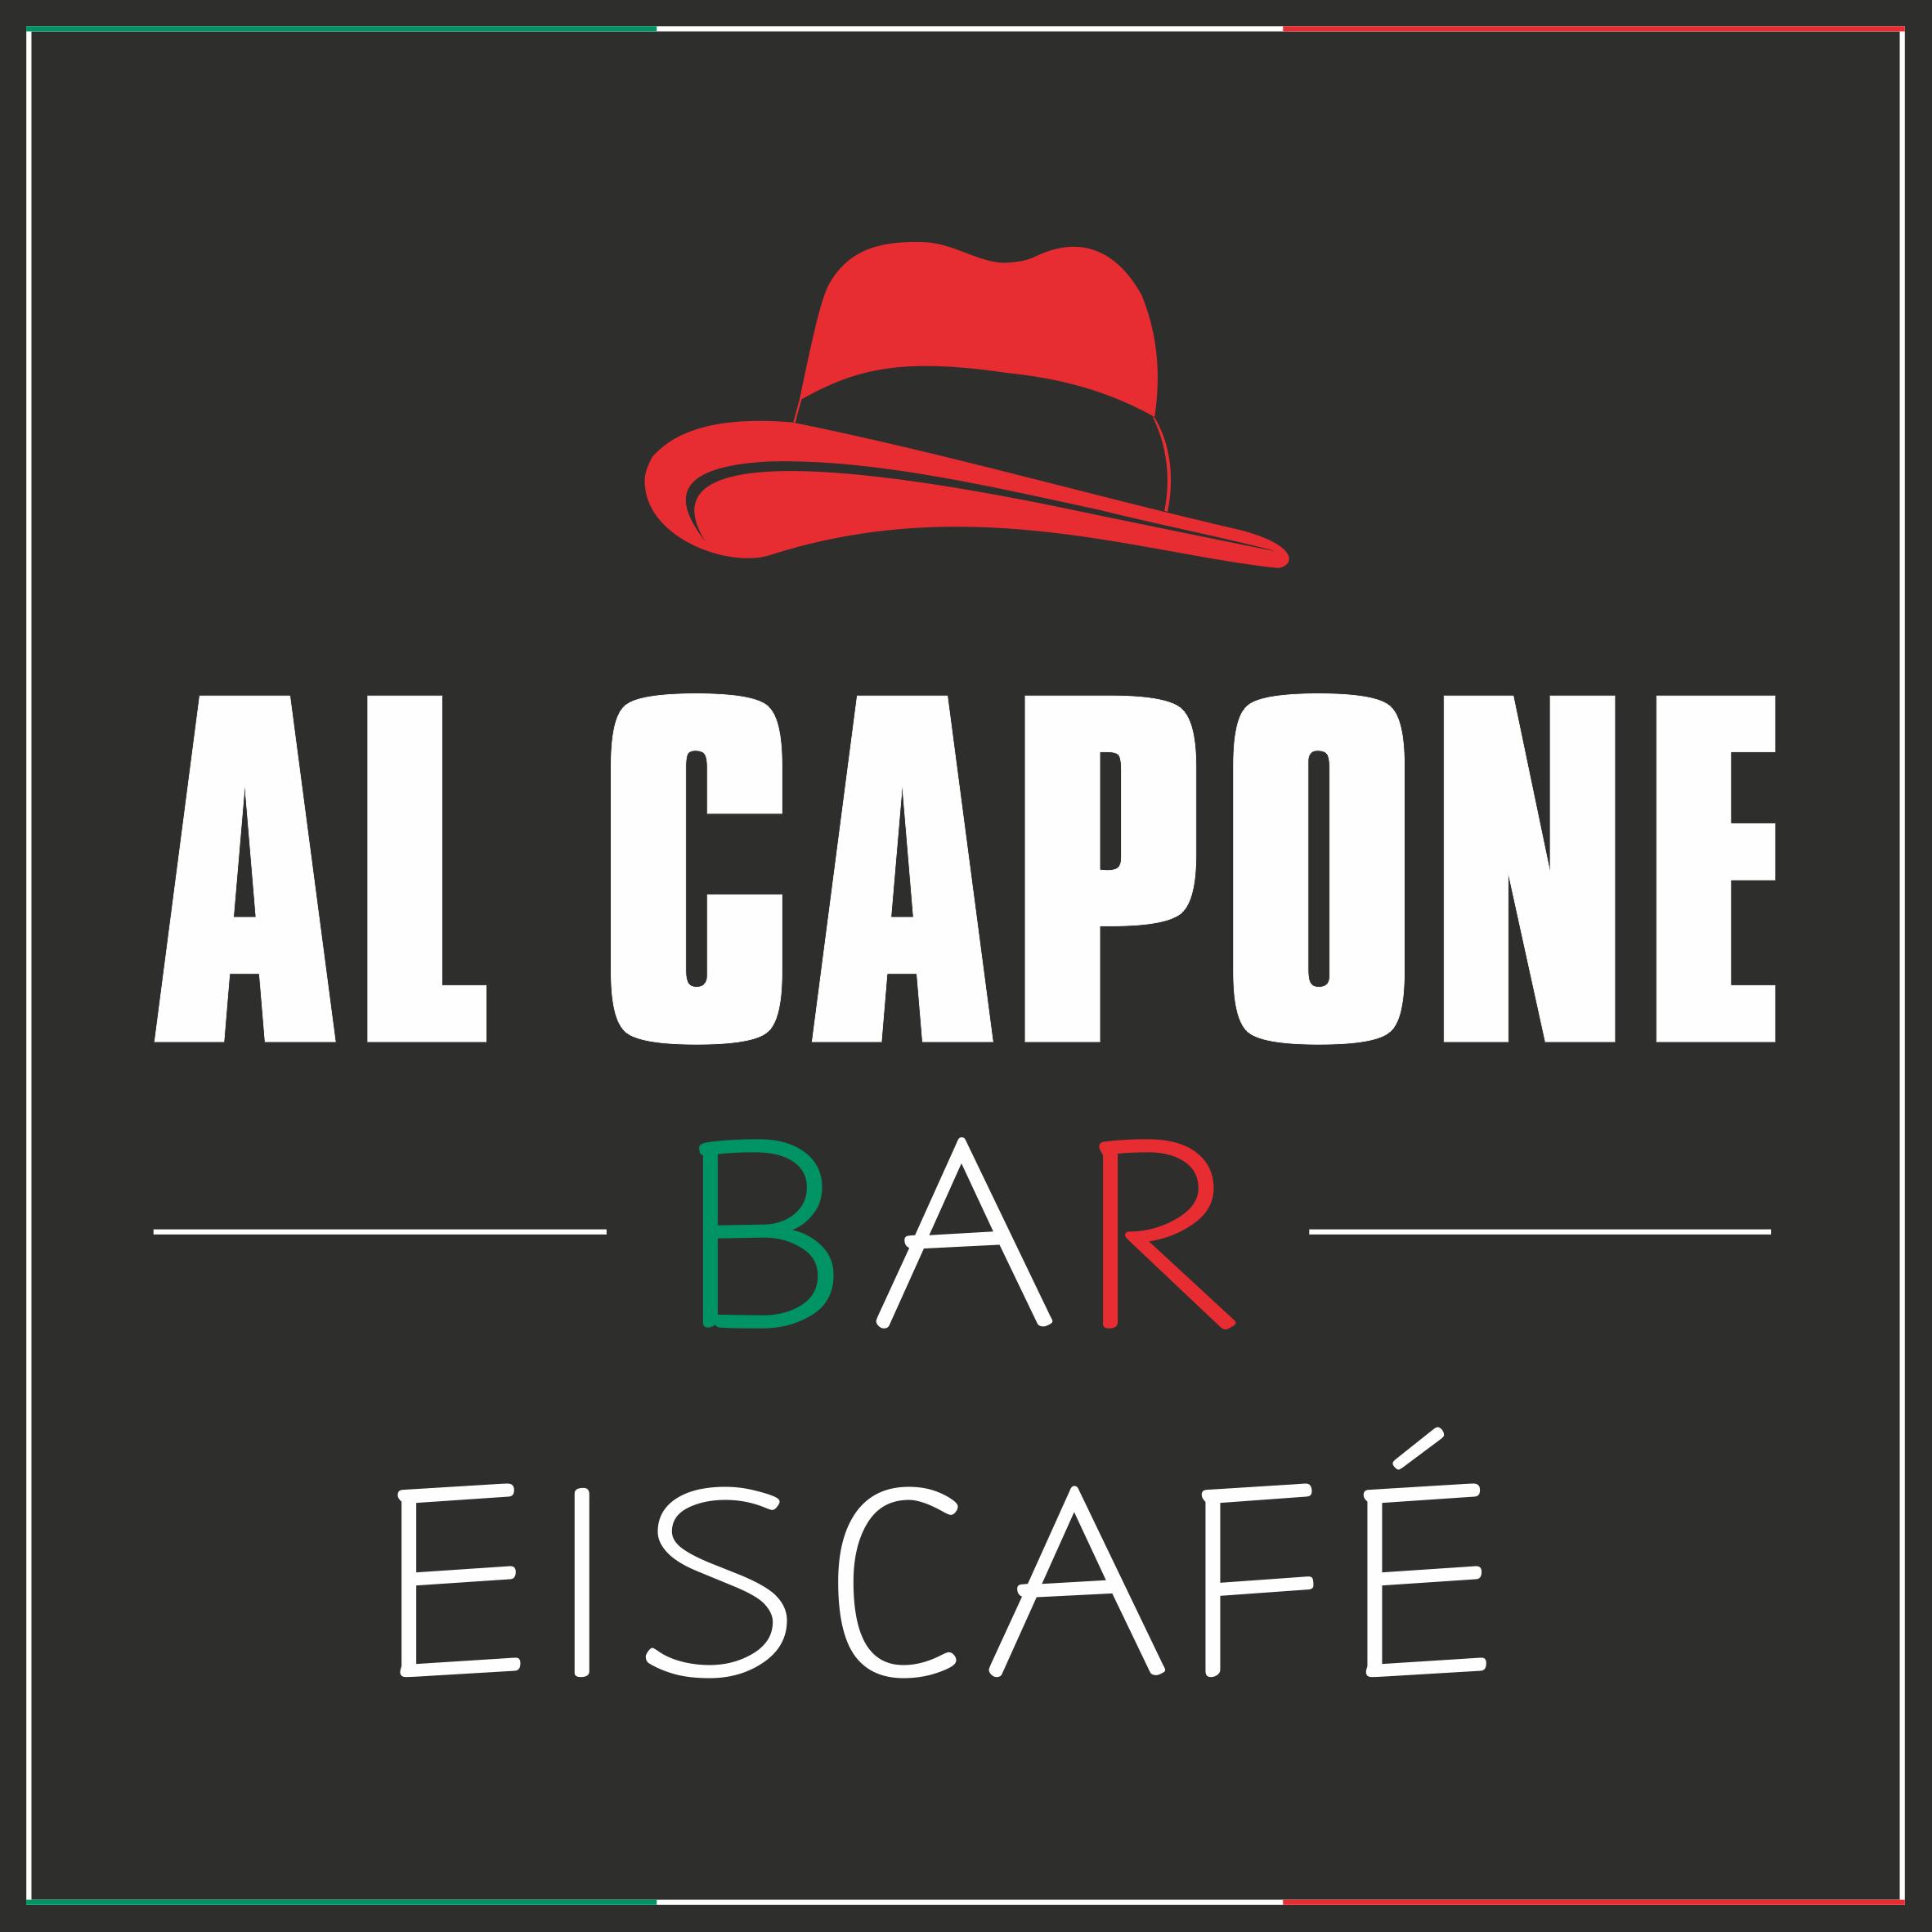 AL CAPONE BAR & EISCAFÉ